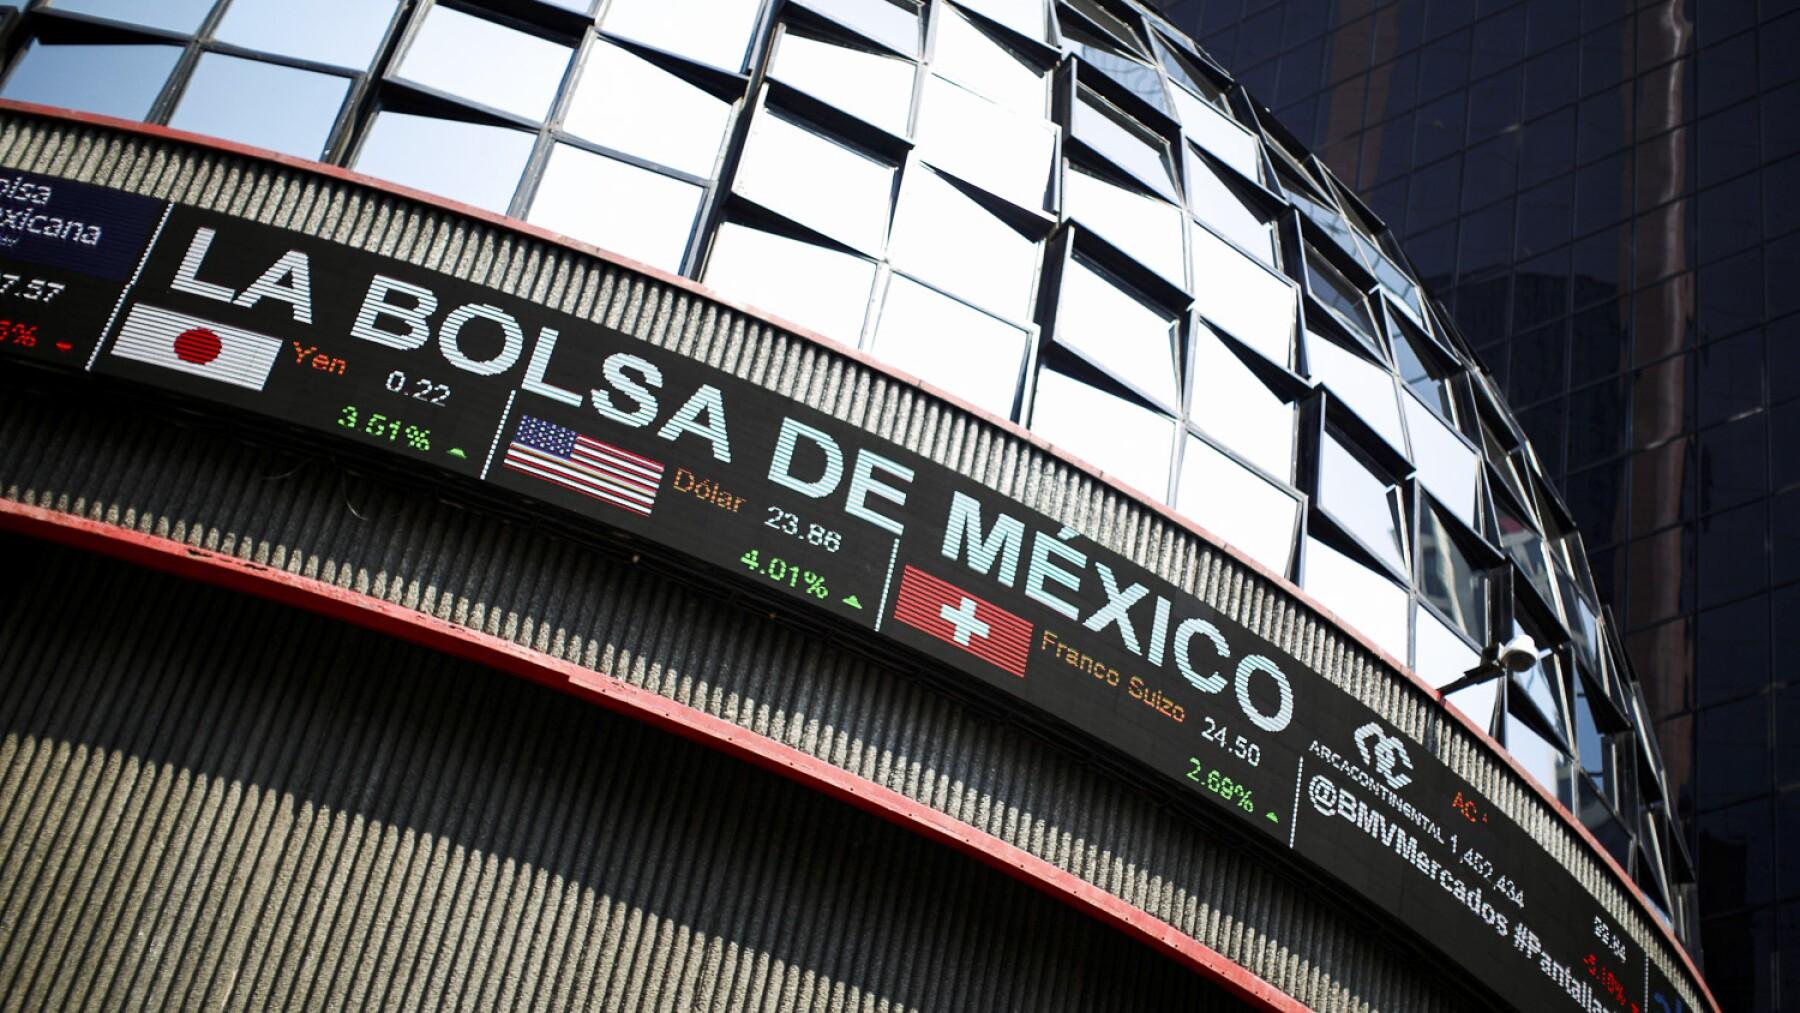 La Bolsa mexicana toca su peor nivel desde 2011 y Wall Street cae 5%